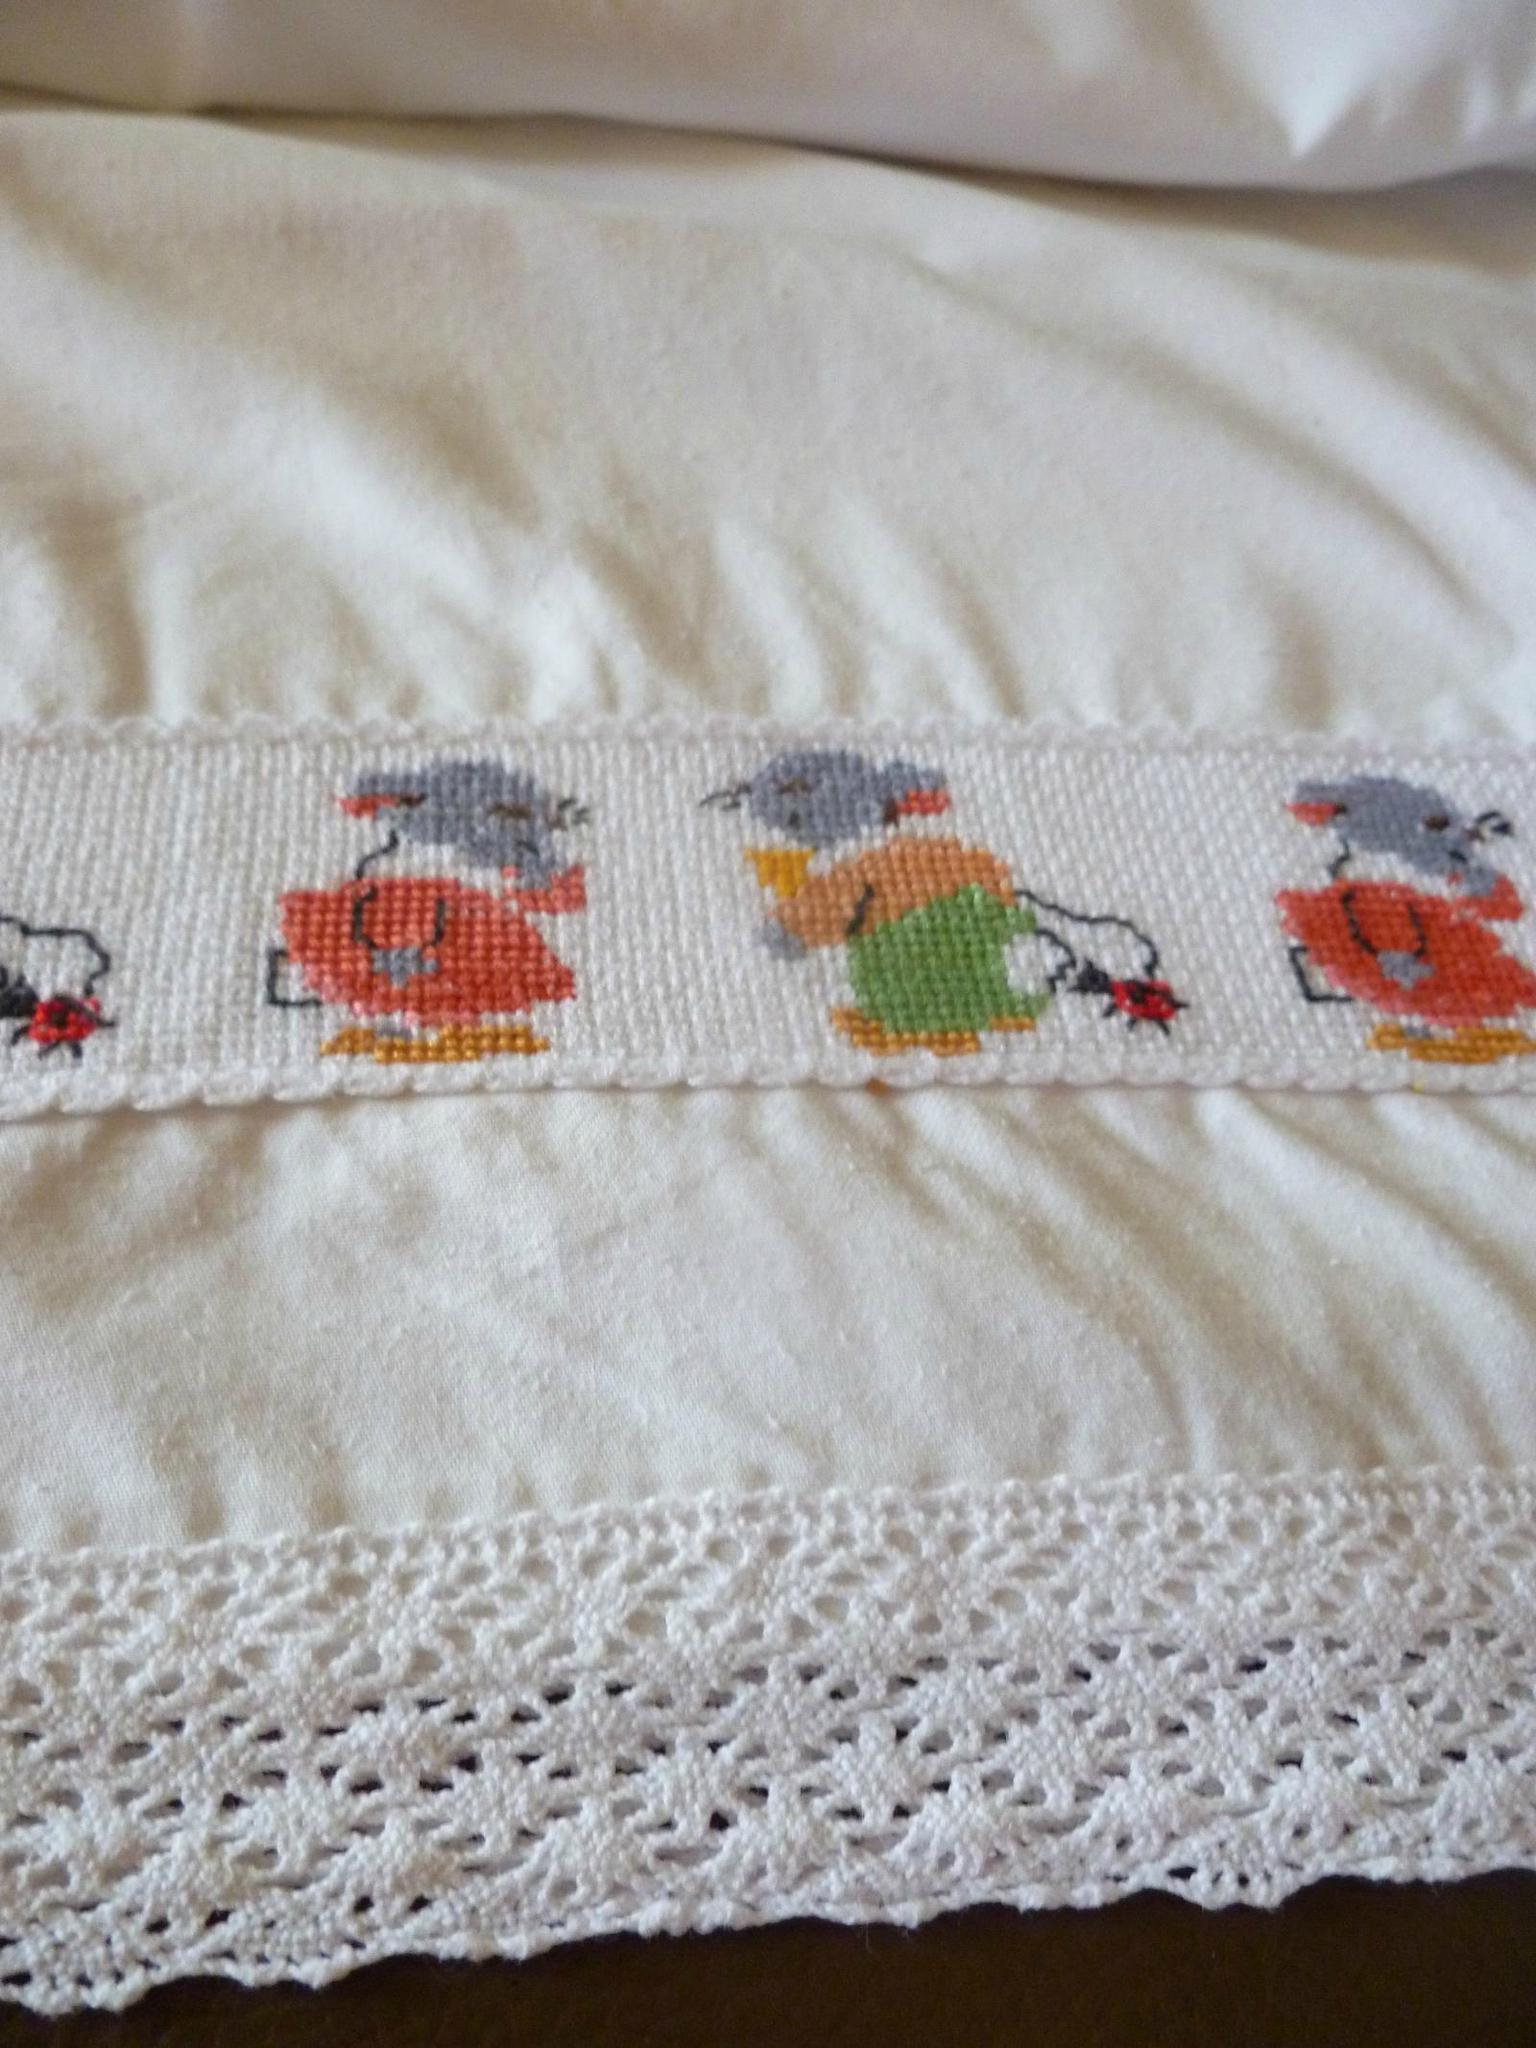 drap pour lit de b b bis photo de couture le crochet les loisirs cr atifs l. Black Bedroom Furniture Sets. Home Design Ideas